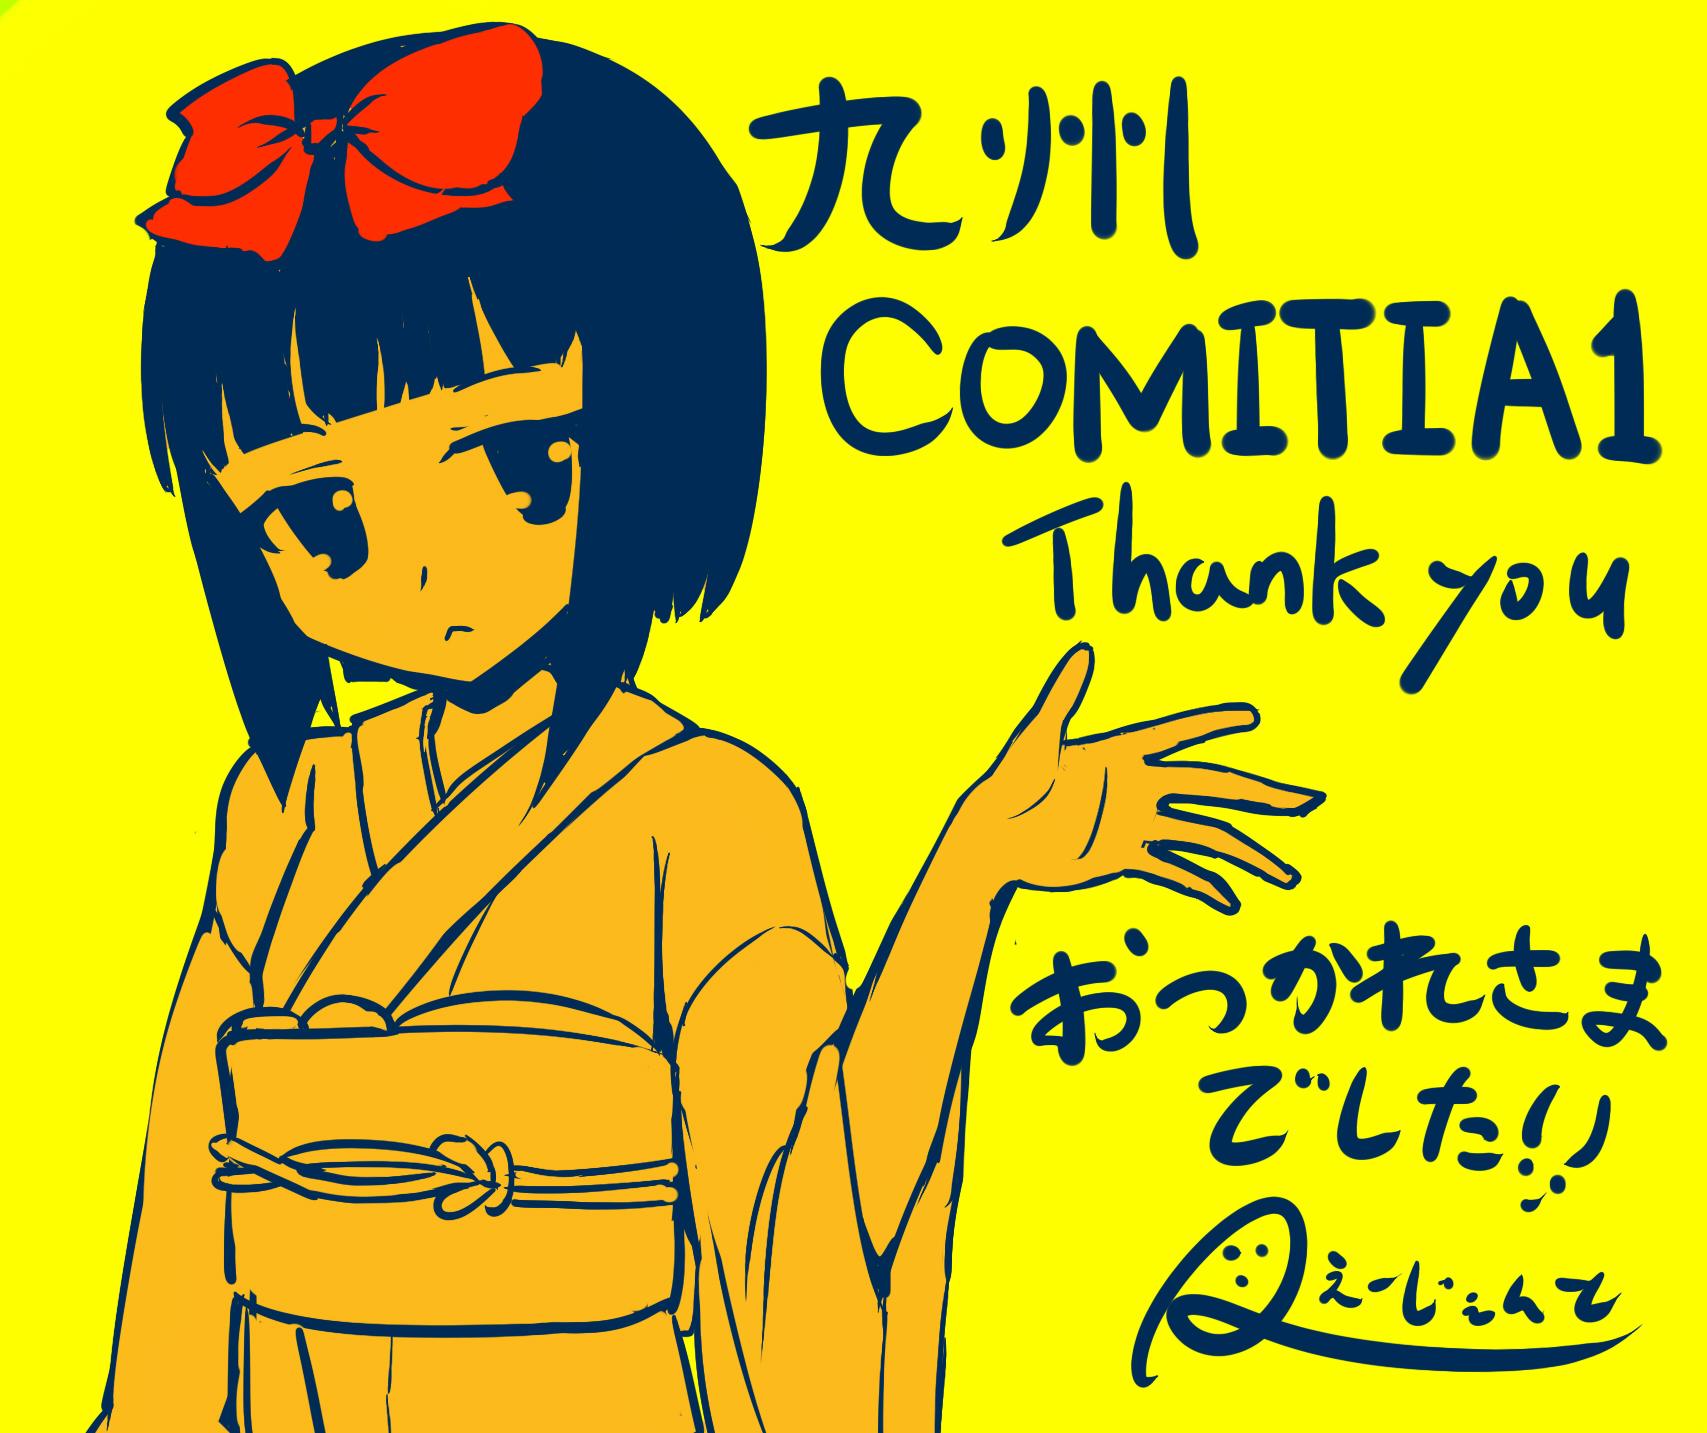 【九州コミティア1】お疲れさまでした!